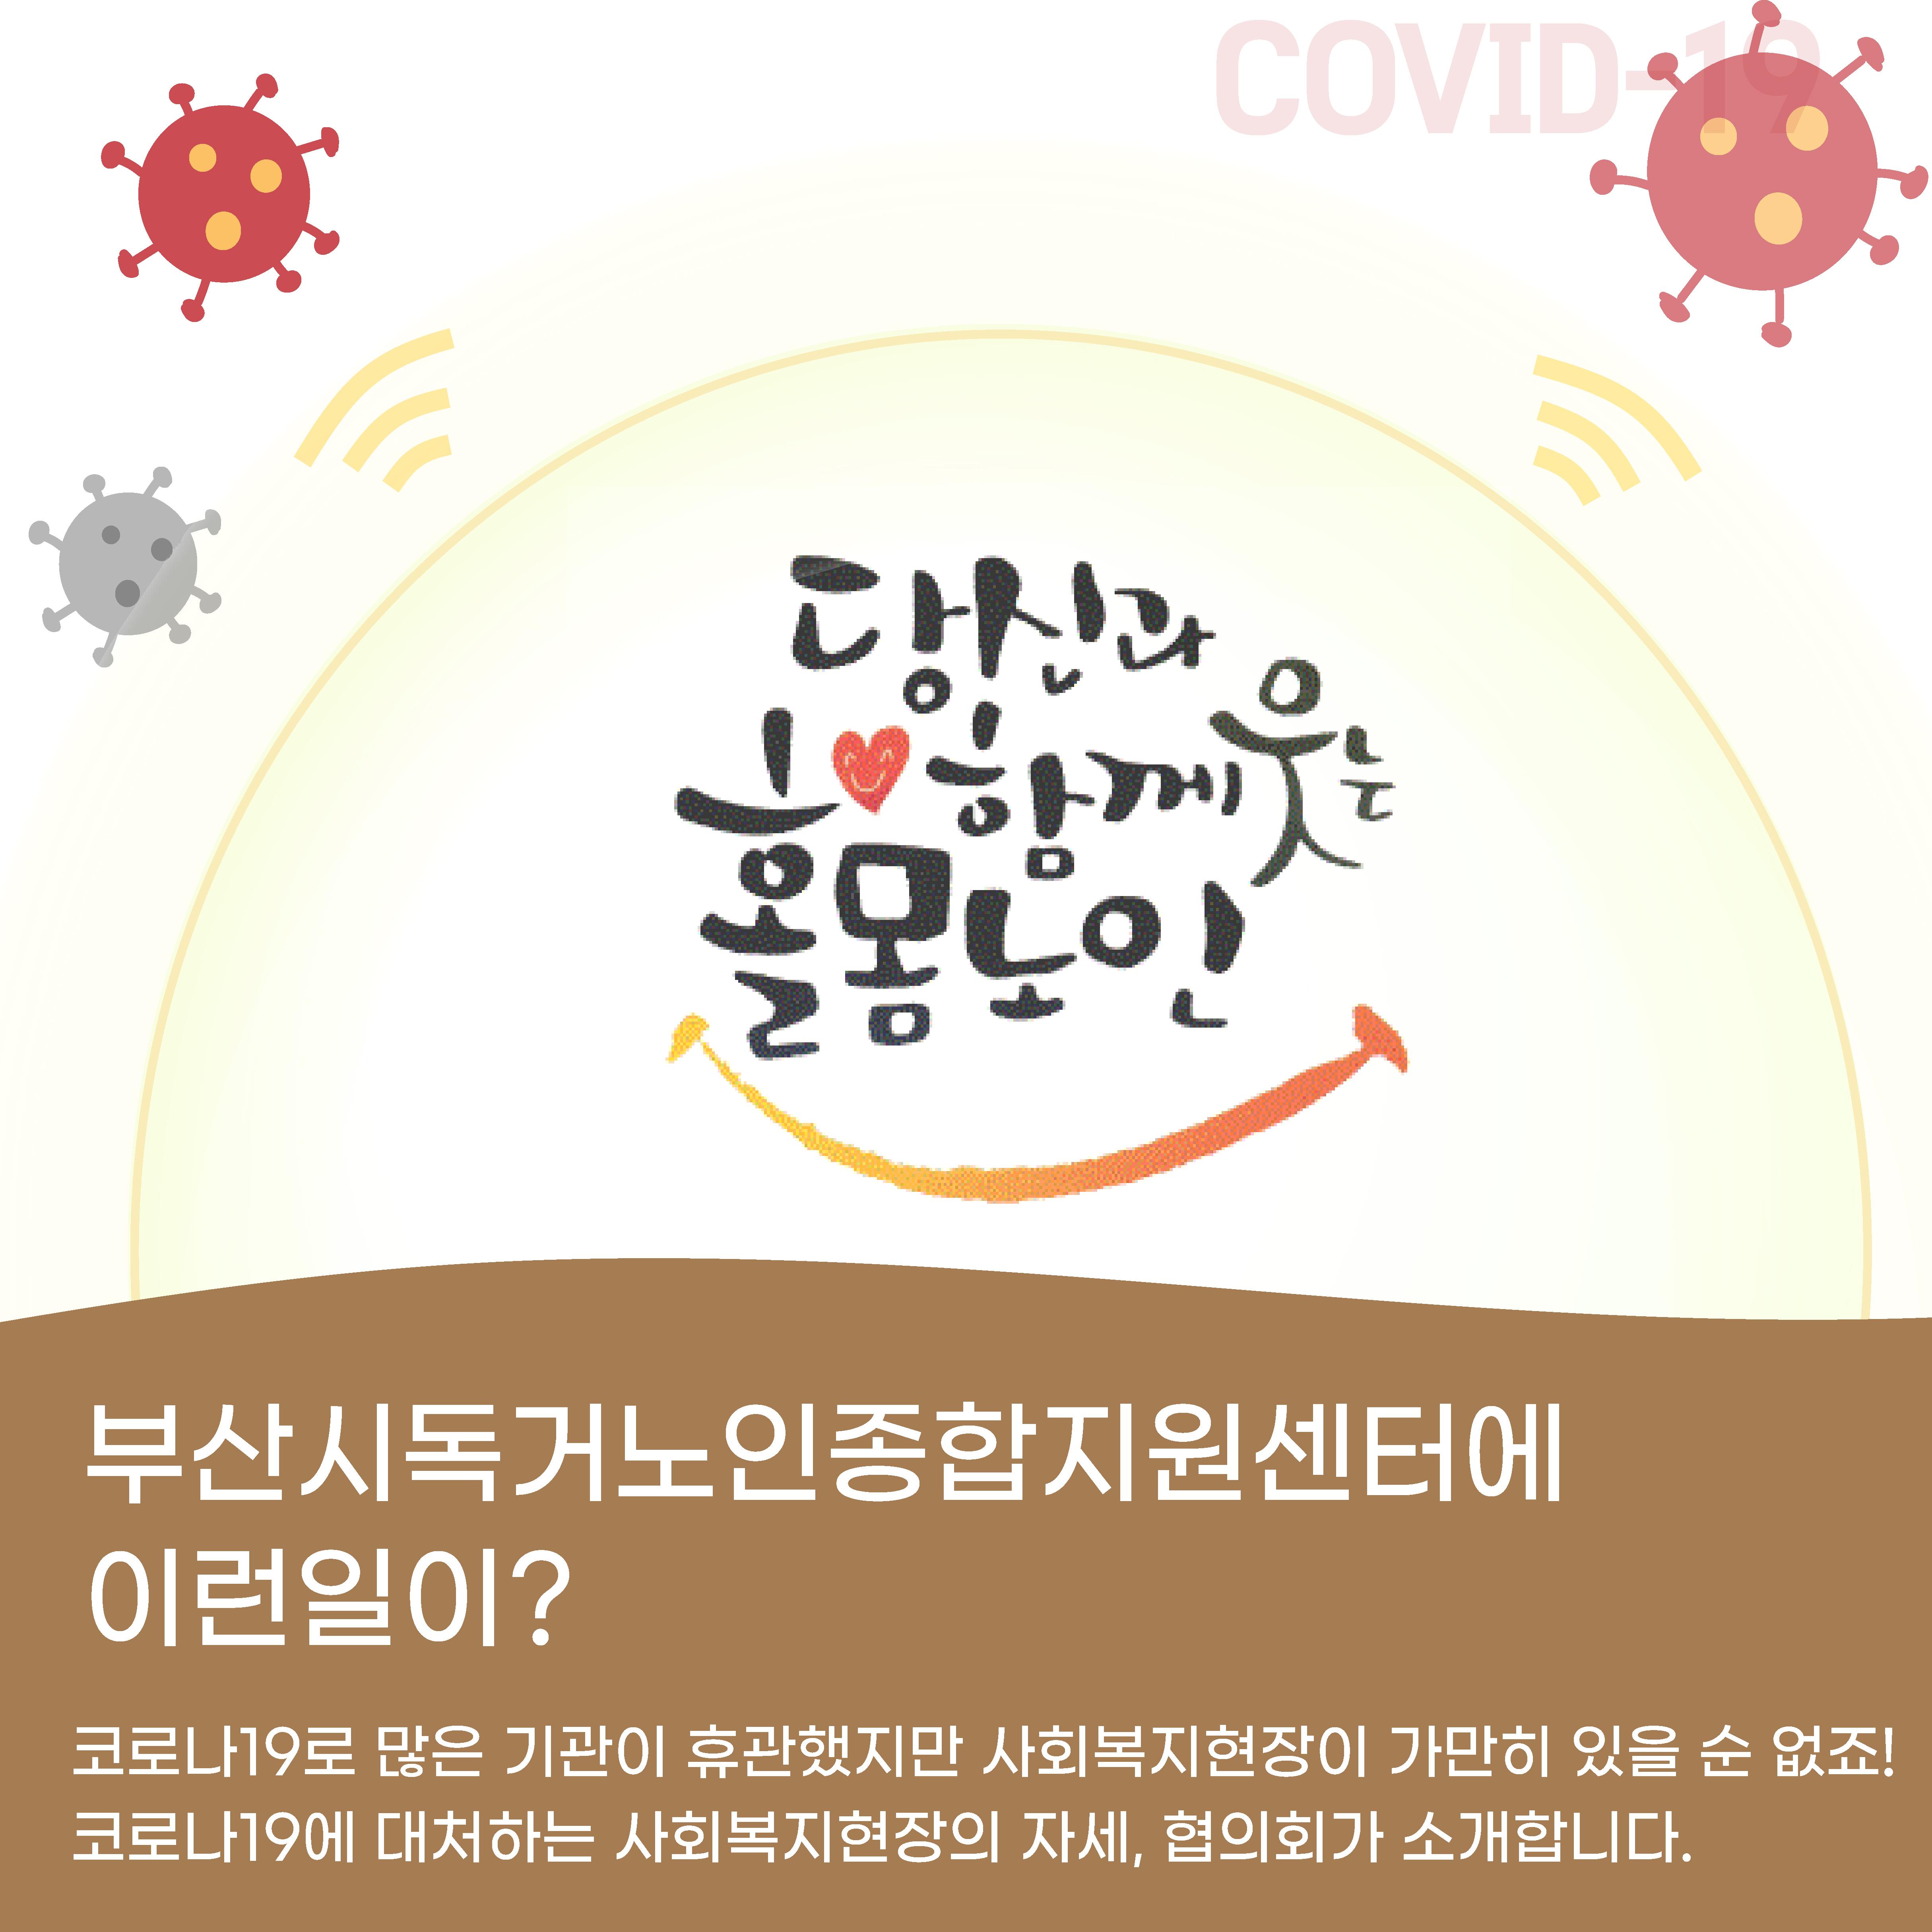 부산시독거노인지원센터편-2.jpg